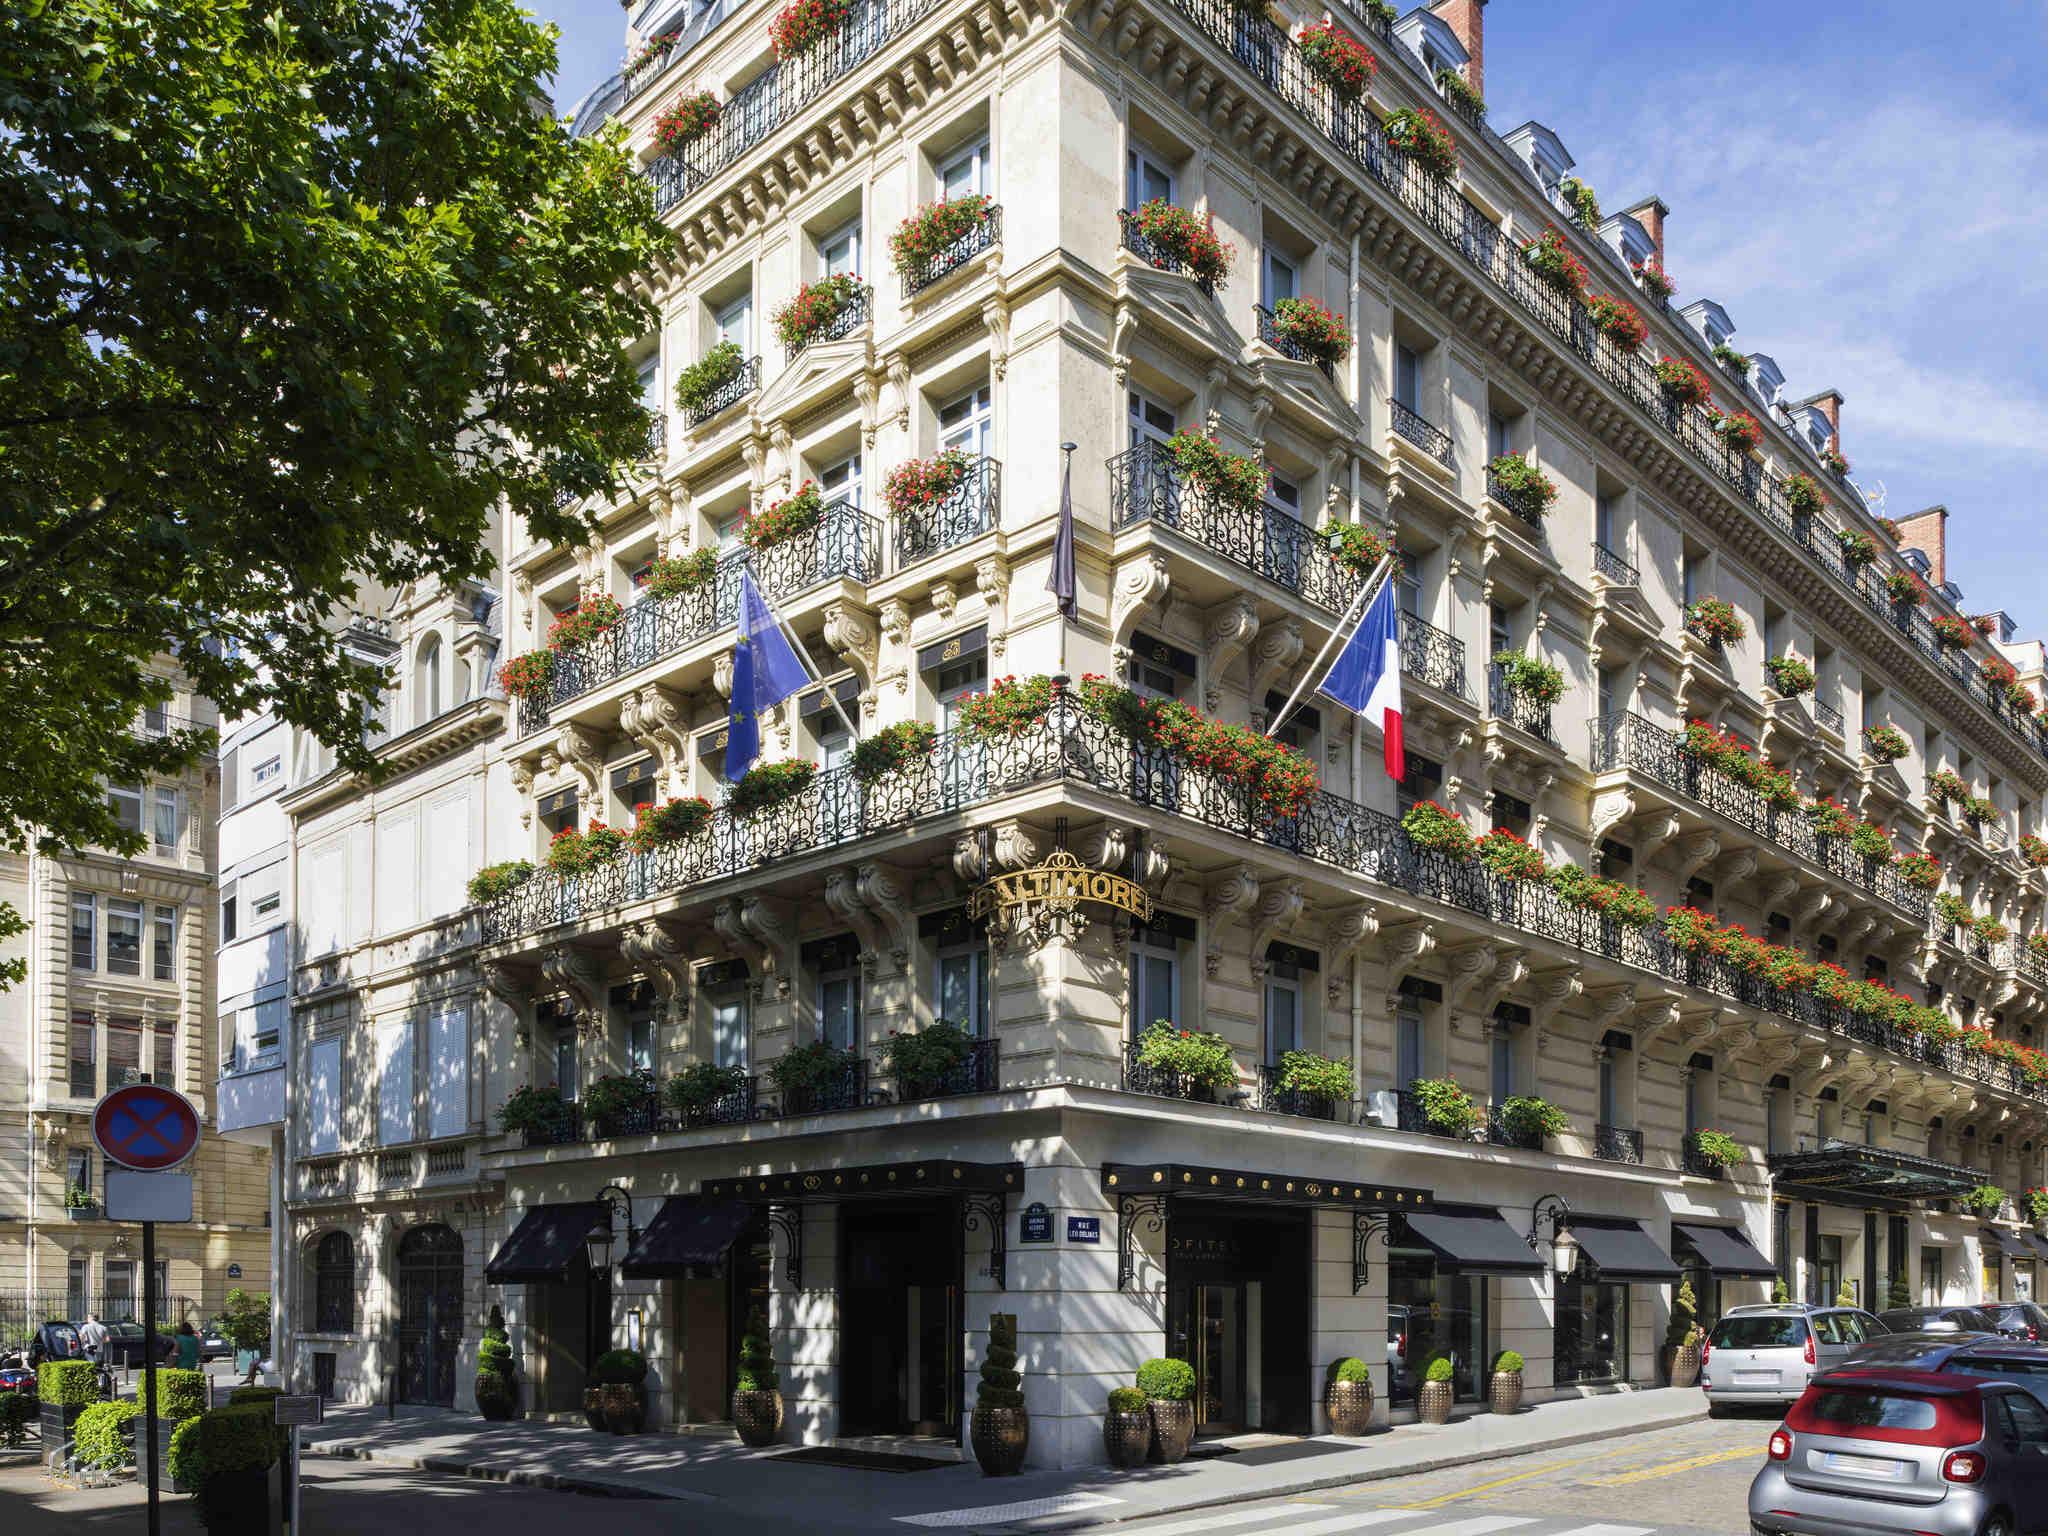 โรงแรม – โซฟิเทล ปารีส บัลติมอร์ ตูร์ ไอเฟล